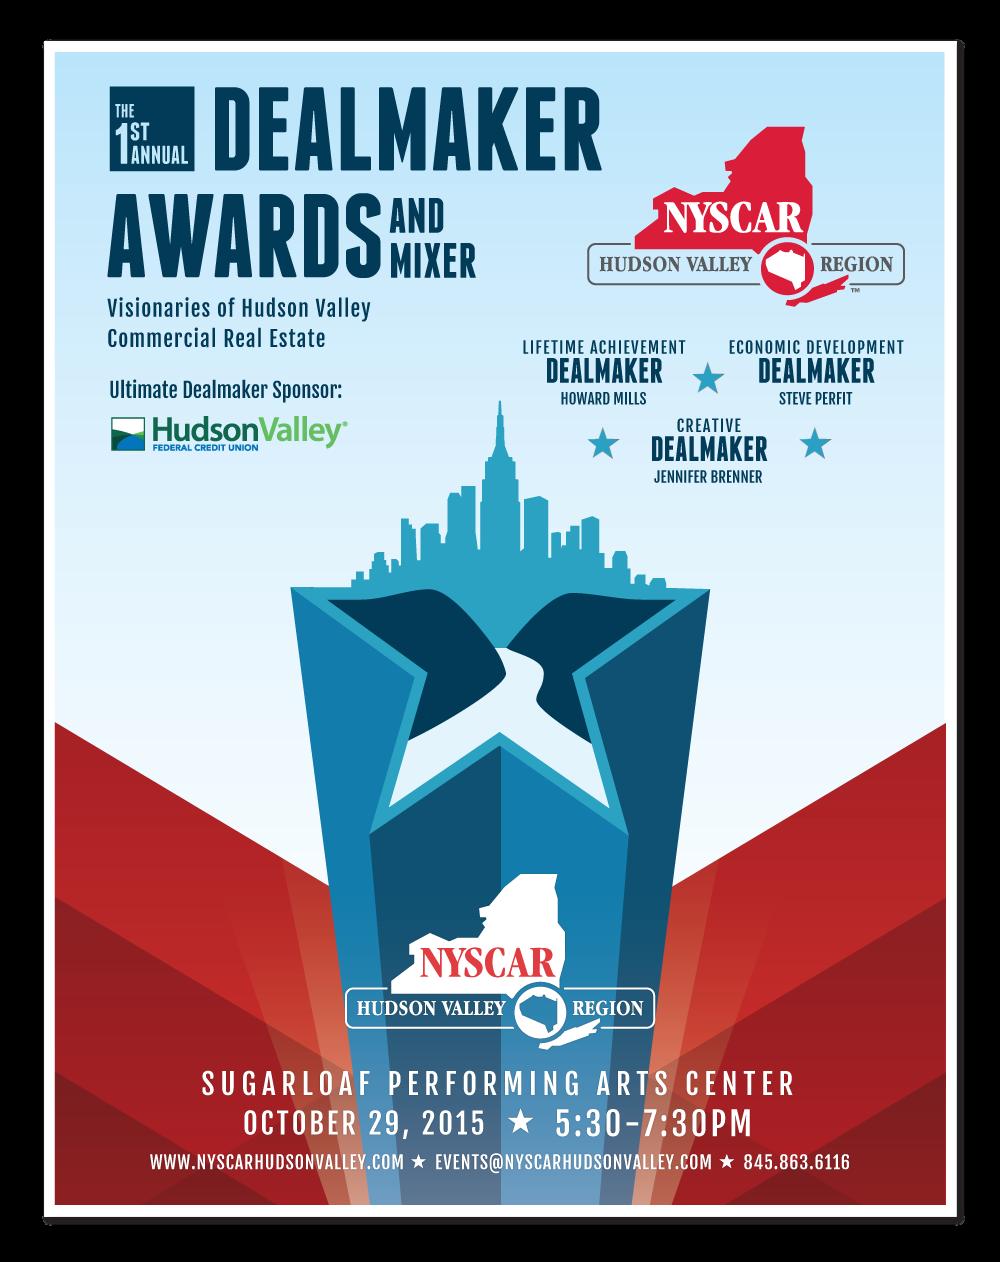 NYSCAR Dealmaker awards